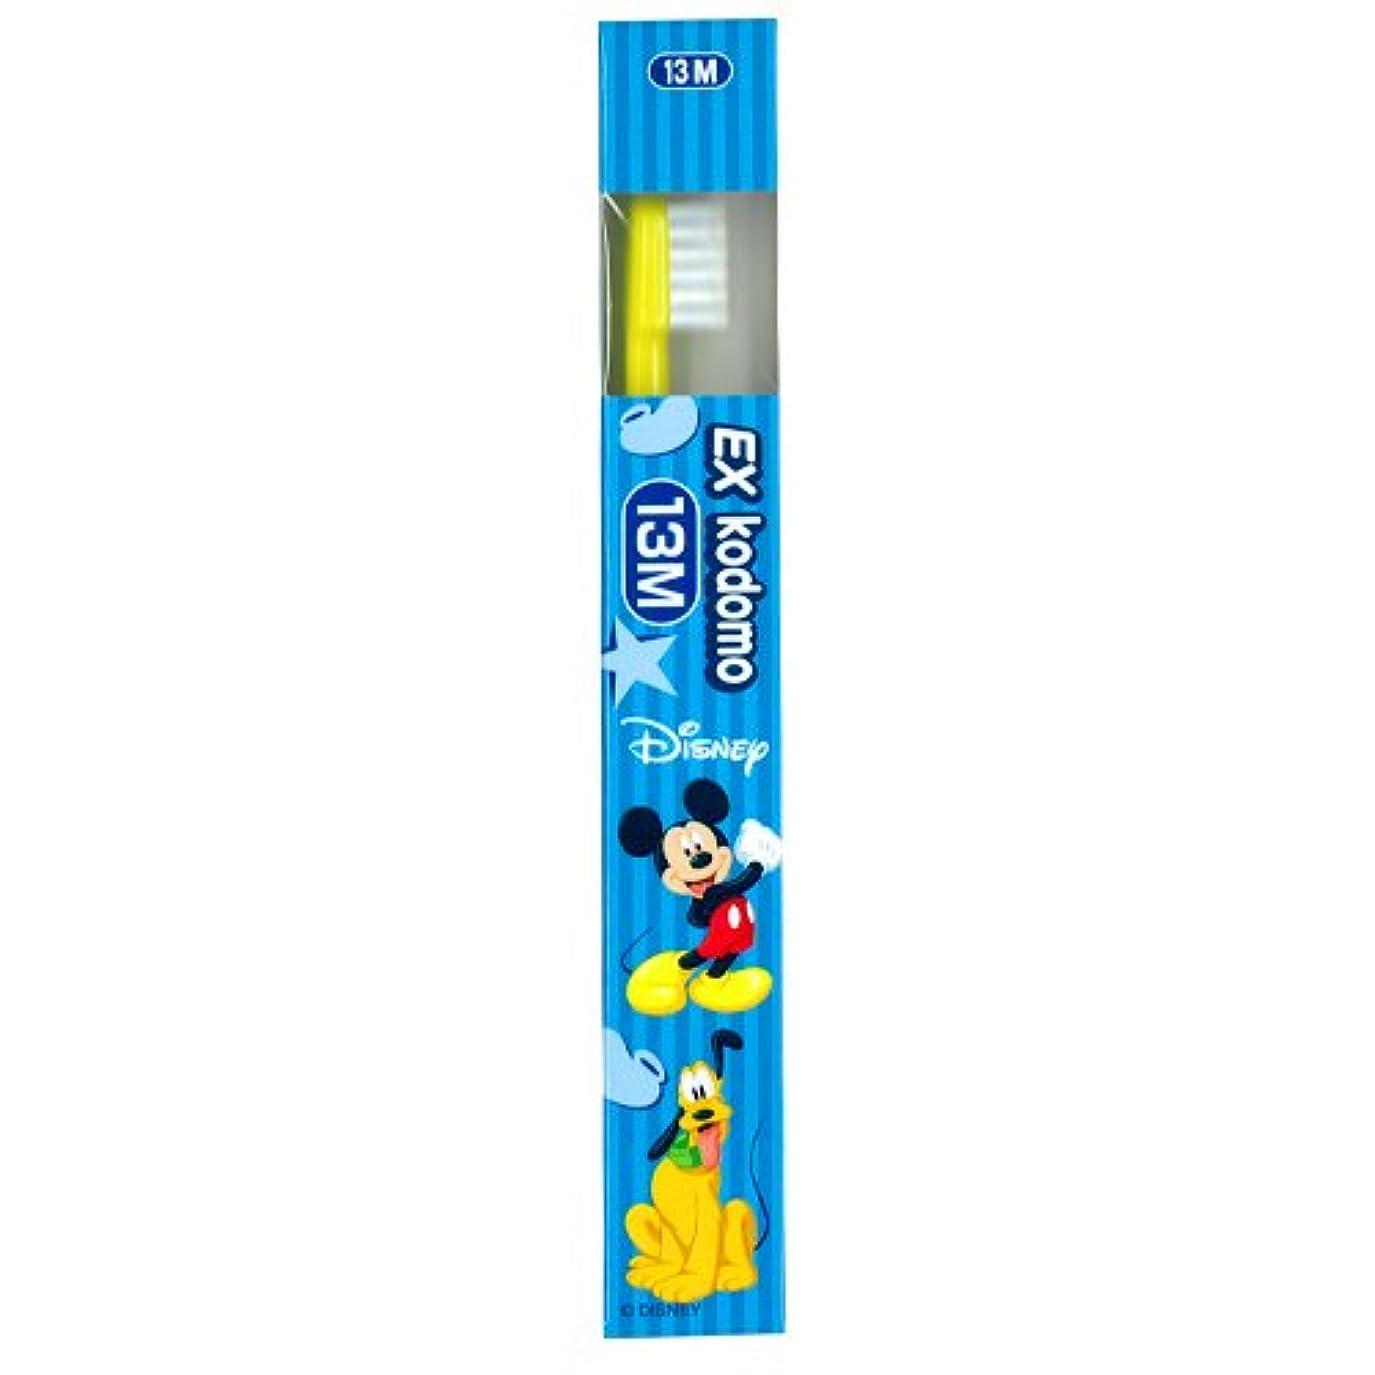 マラソン最愛の調整ライオン EX kodomo ディズニー 歯ブラシ 1本 13M イエロー